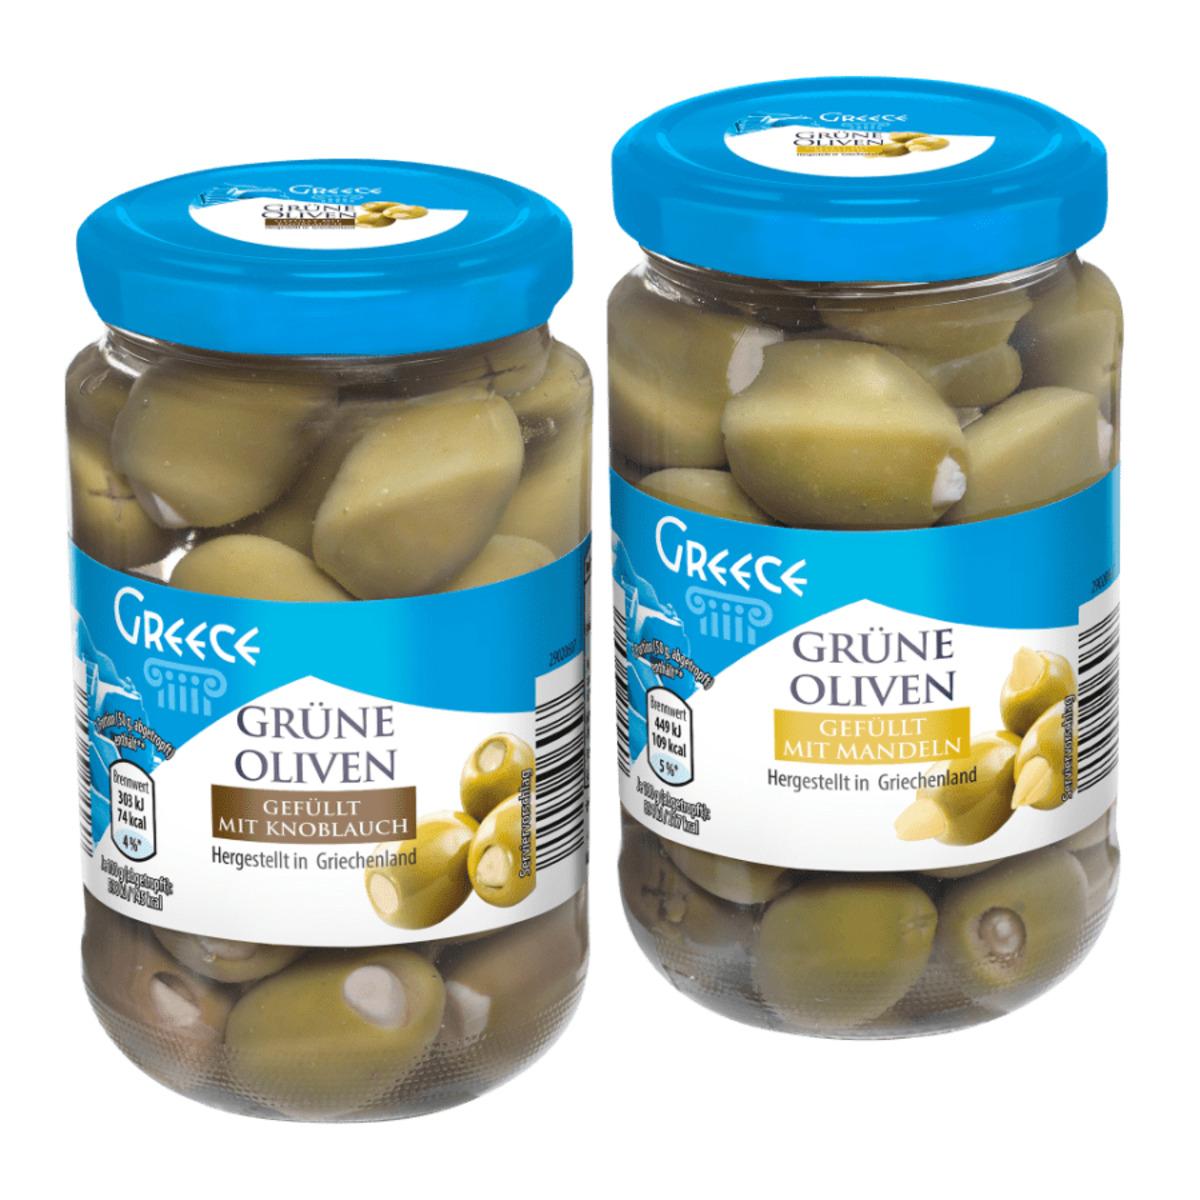 Bild 1 von GREECE     Grüne Oliven